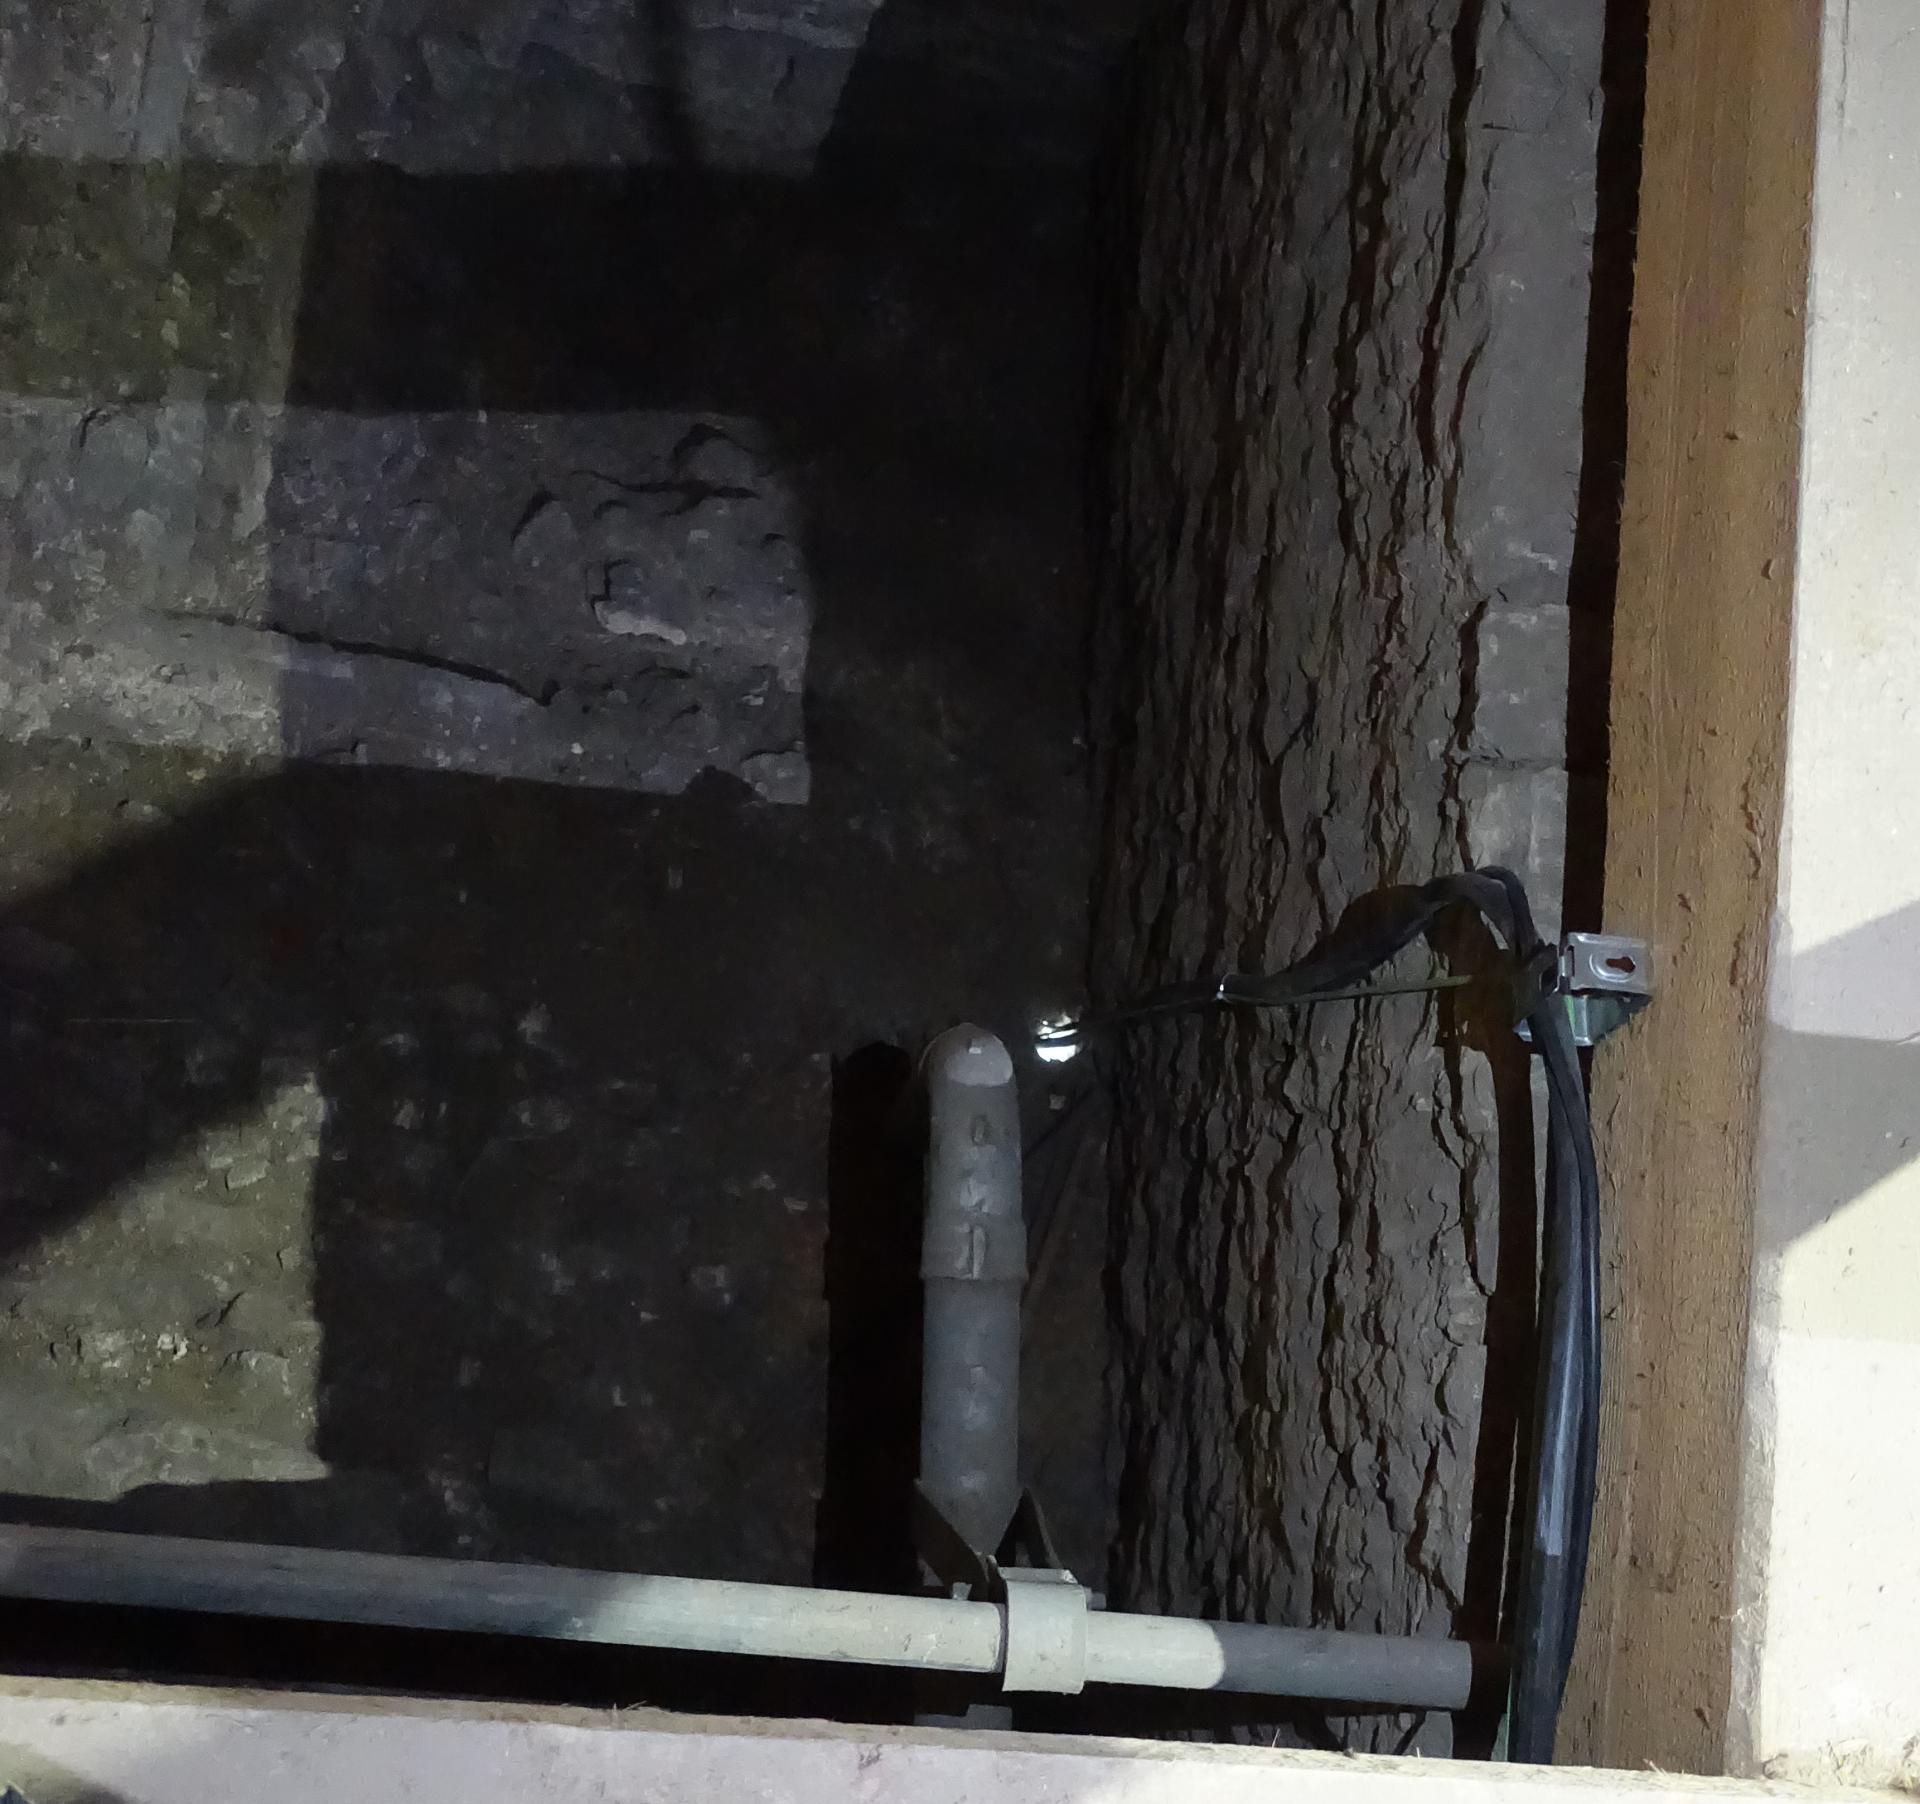 Bild 811: Zeigt ein kleines Loch in der Gewölbedecke von oben; hier wird gebohrt und die Abgasleitung zum Kirchendach geführt.